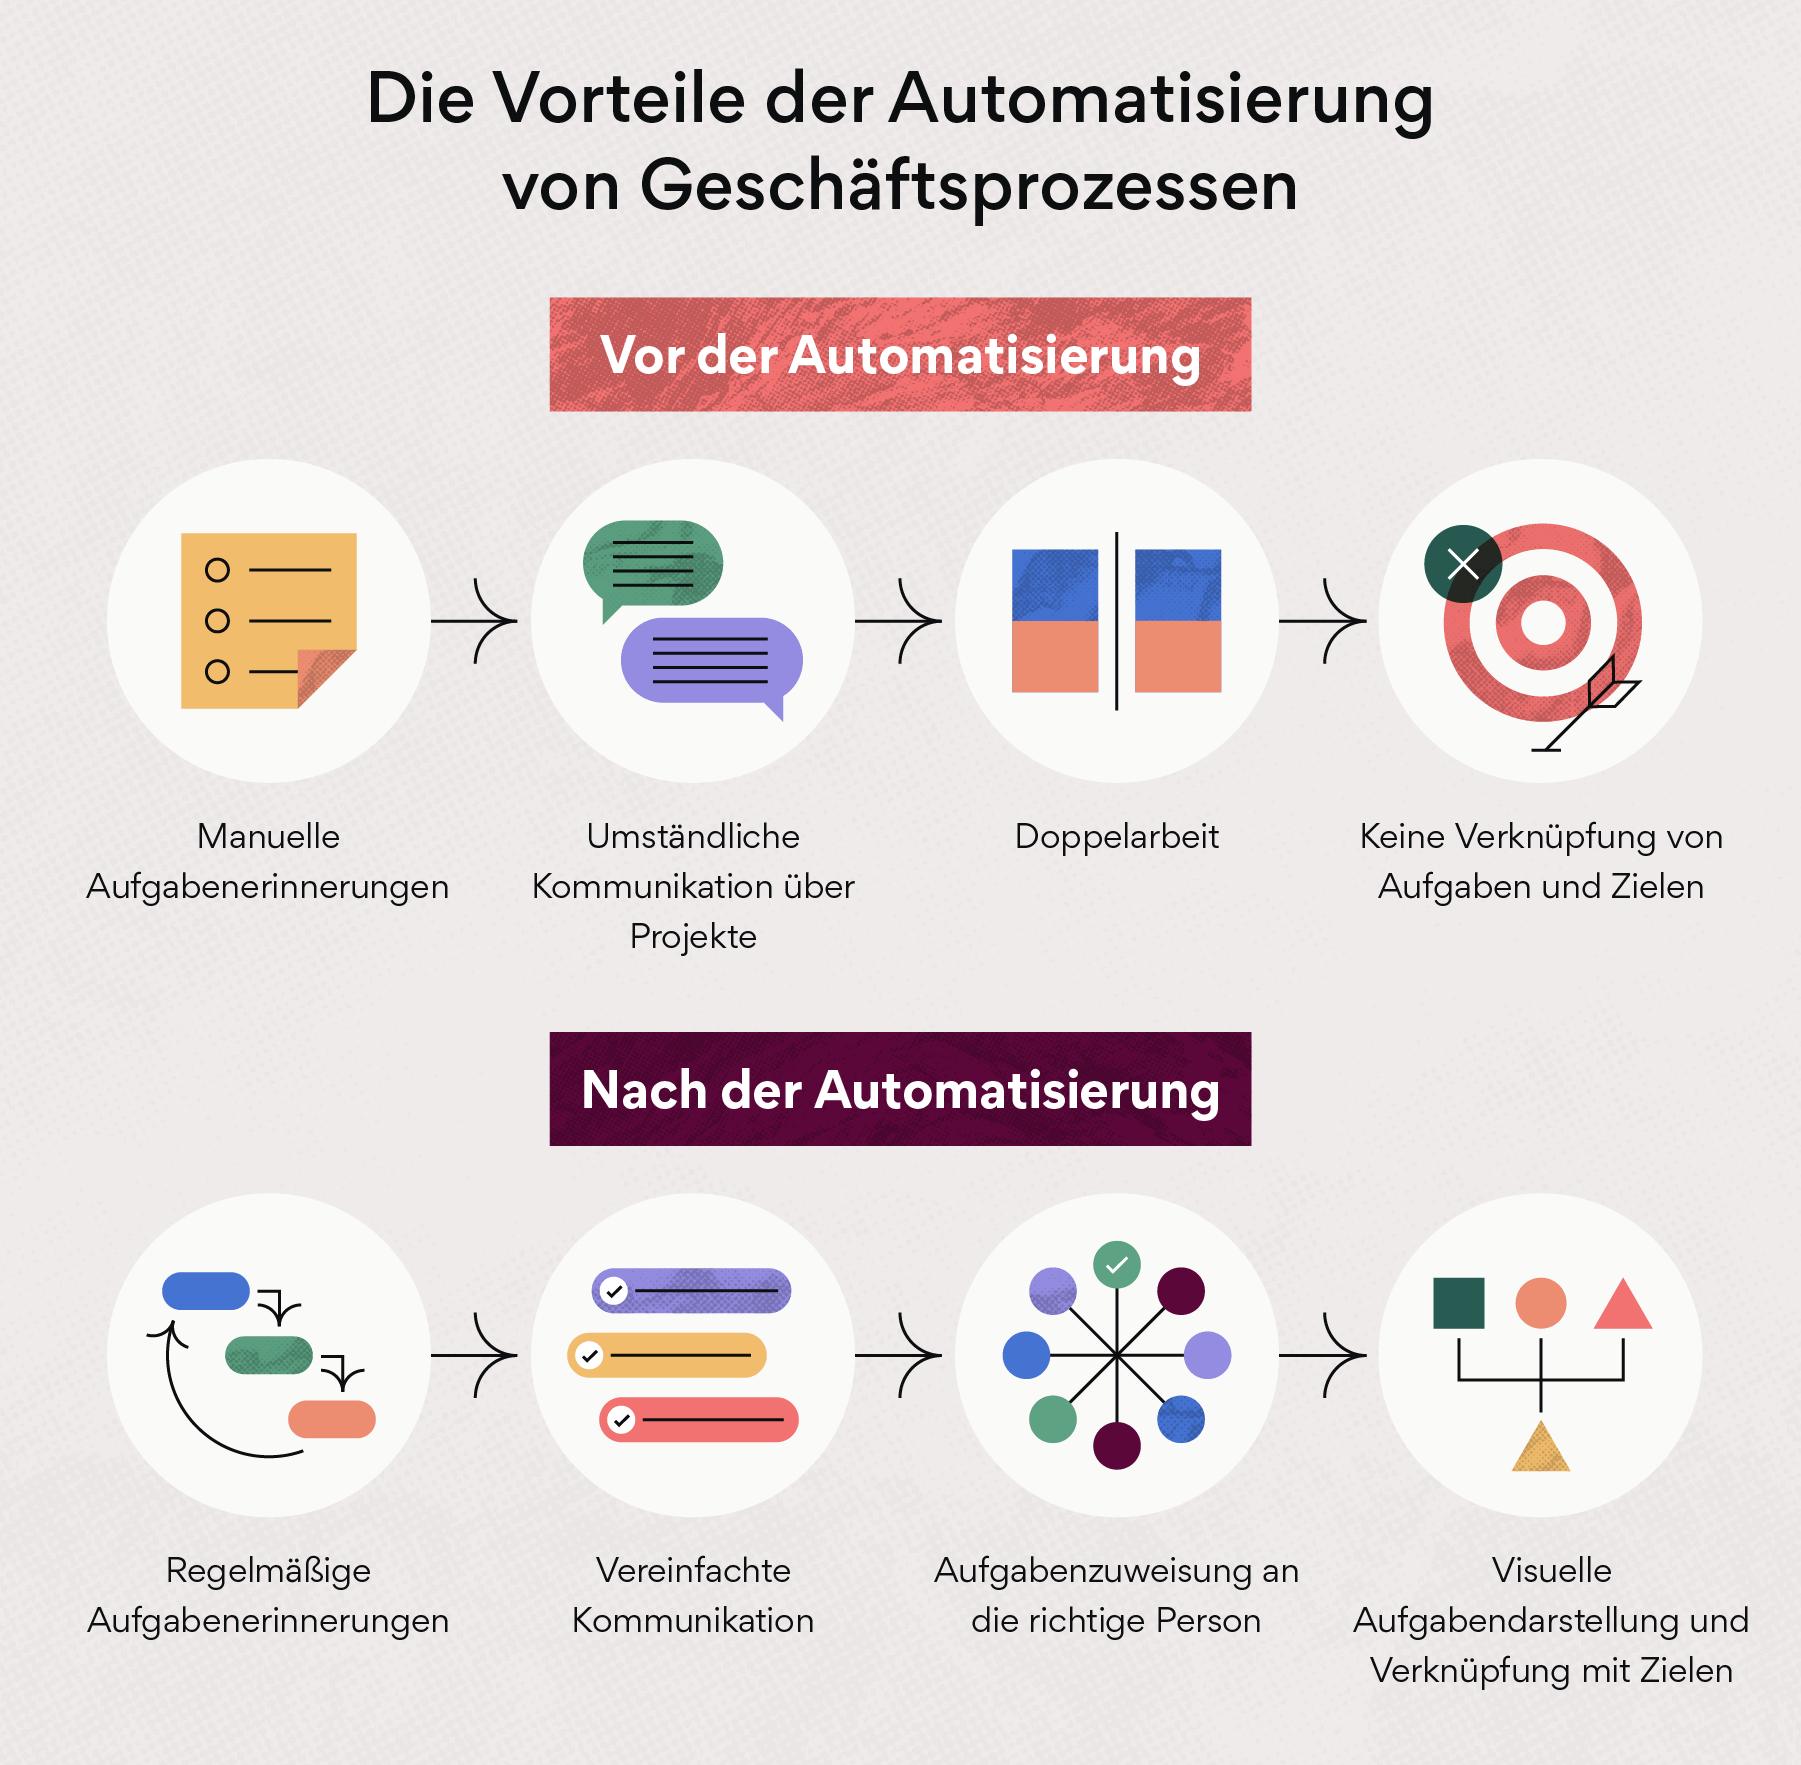 Lösungen zur Automatisierung von Geschäftsprozessen